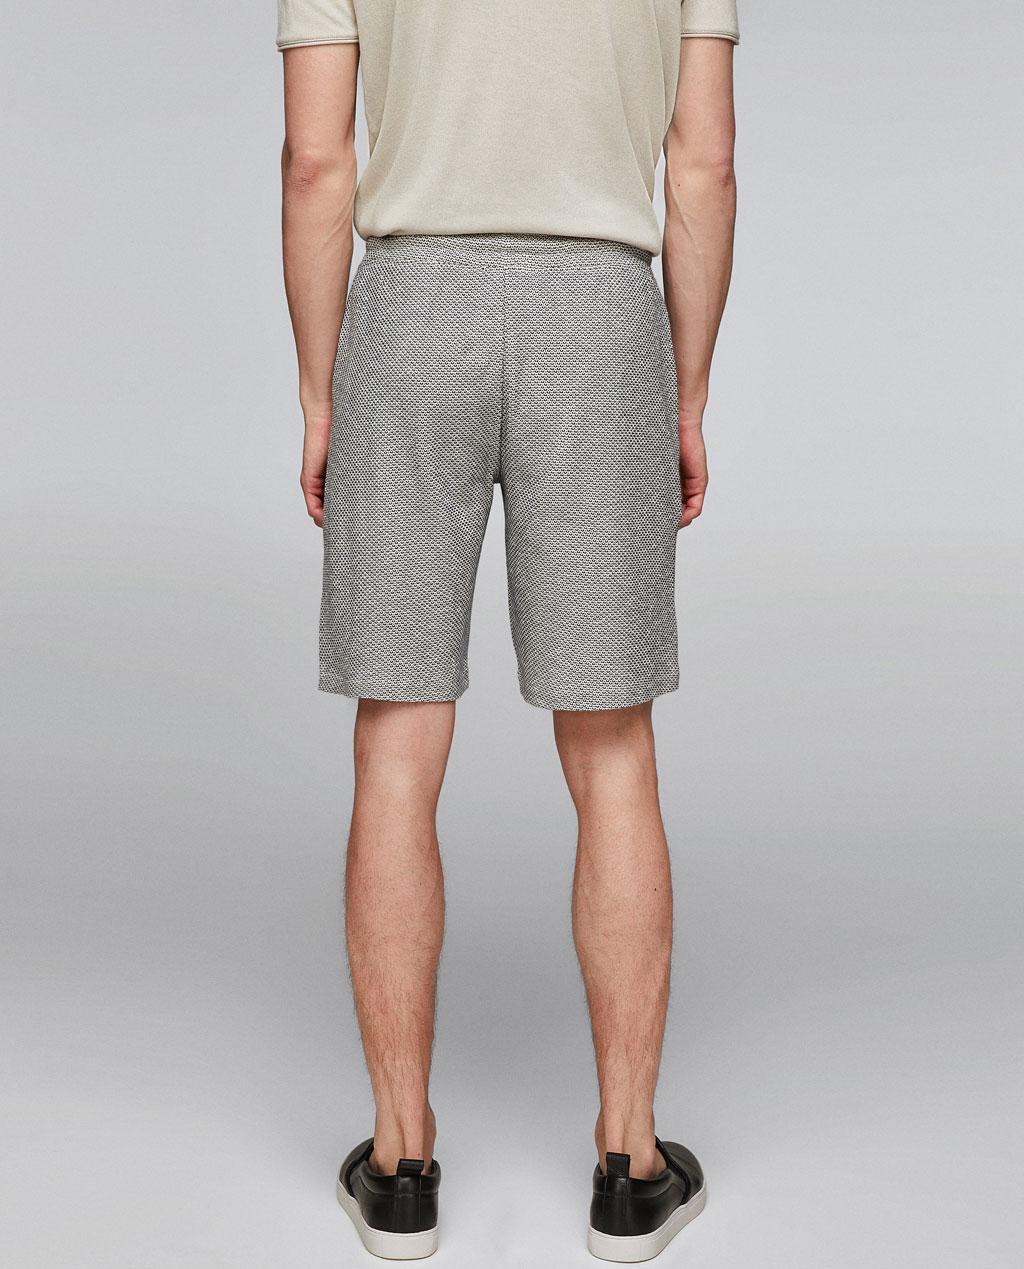 Thời trang nam Zara  24021 - ảnh 5